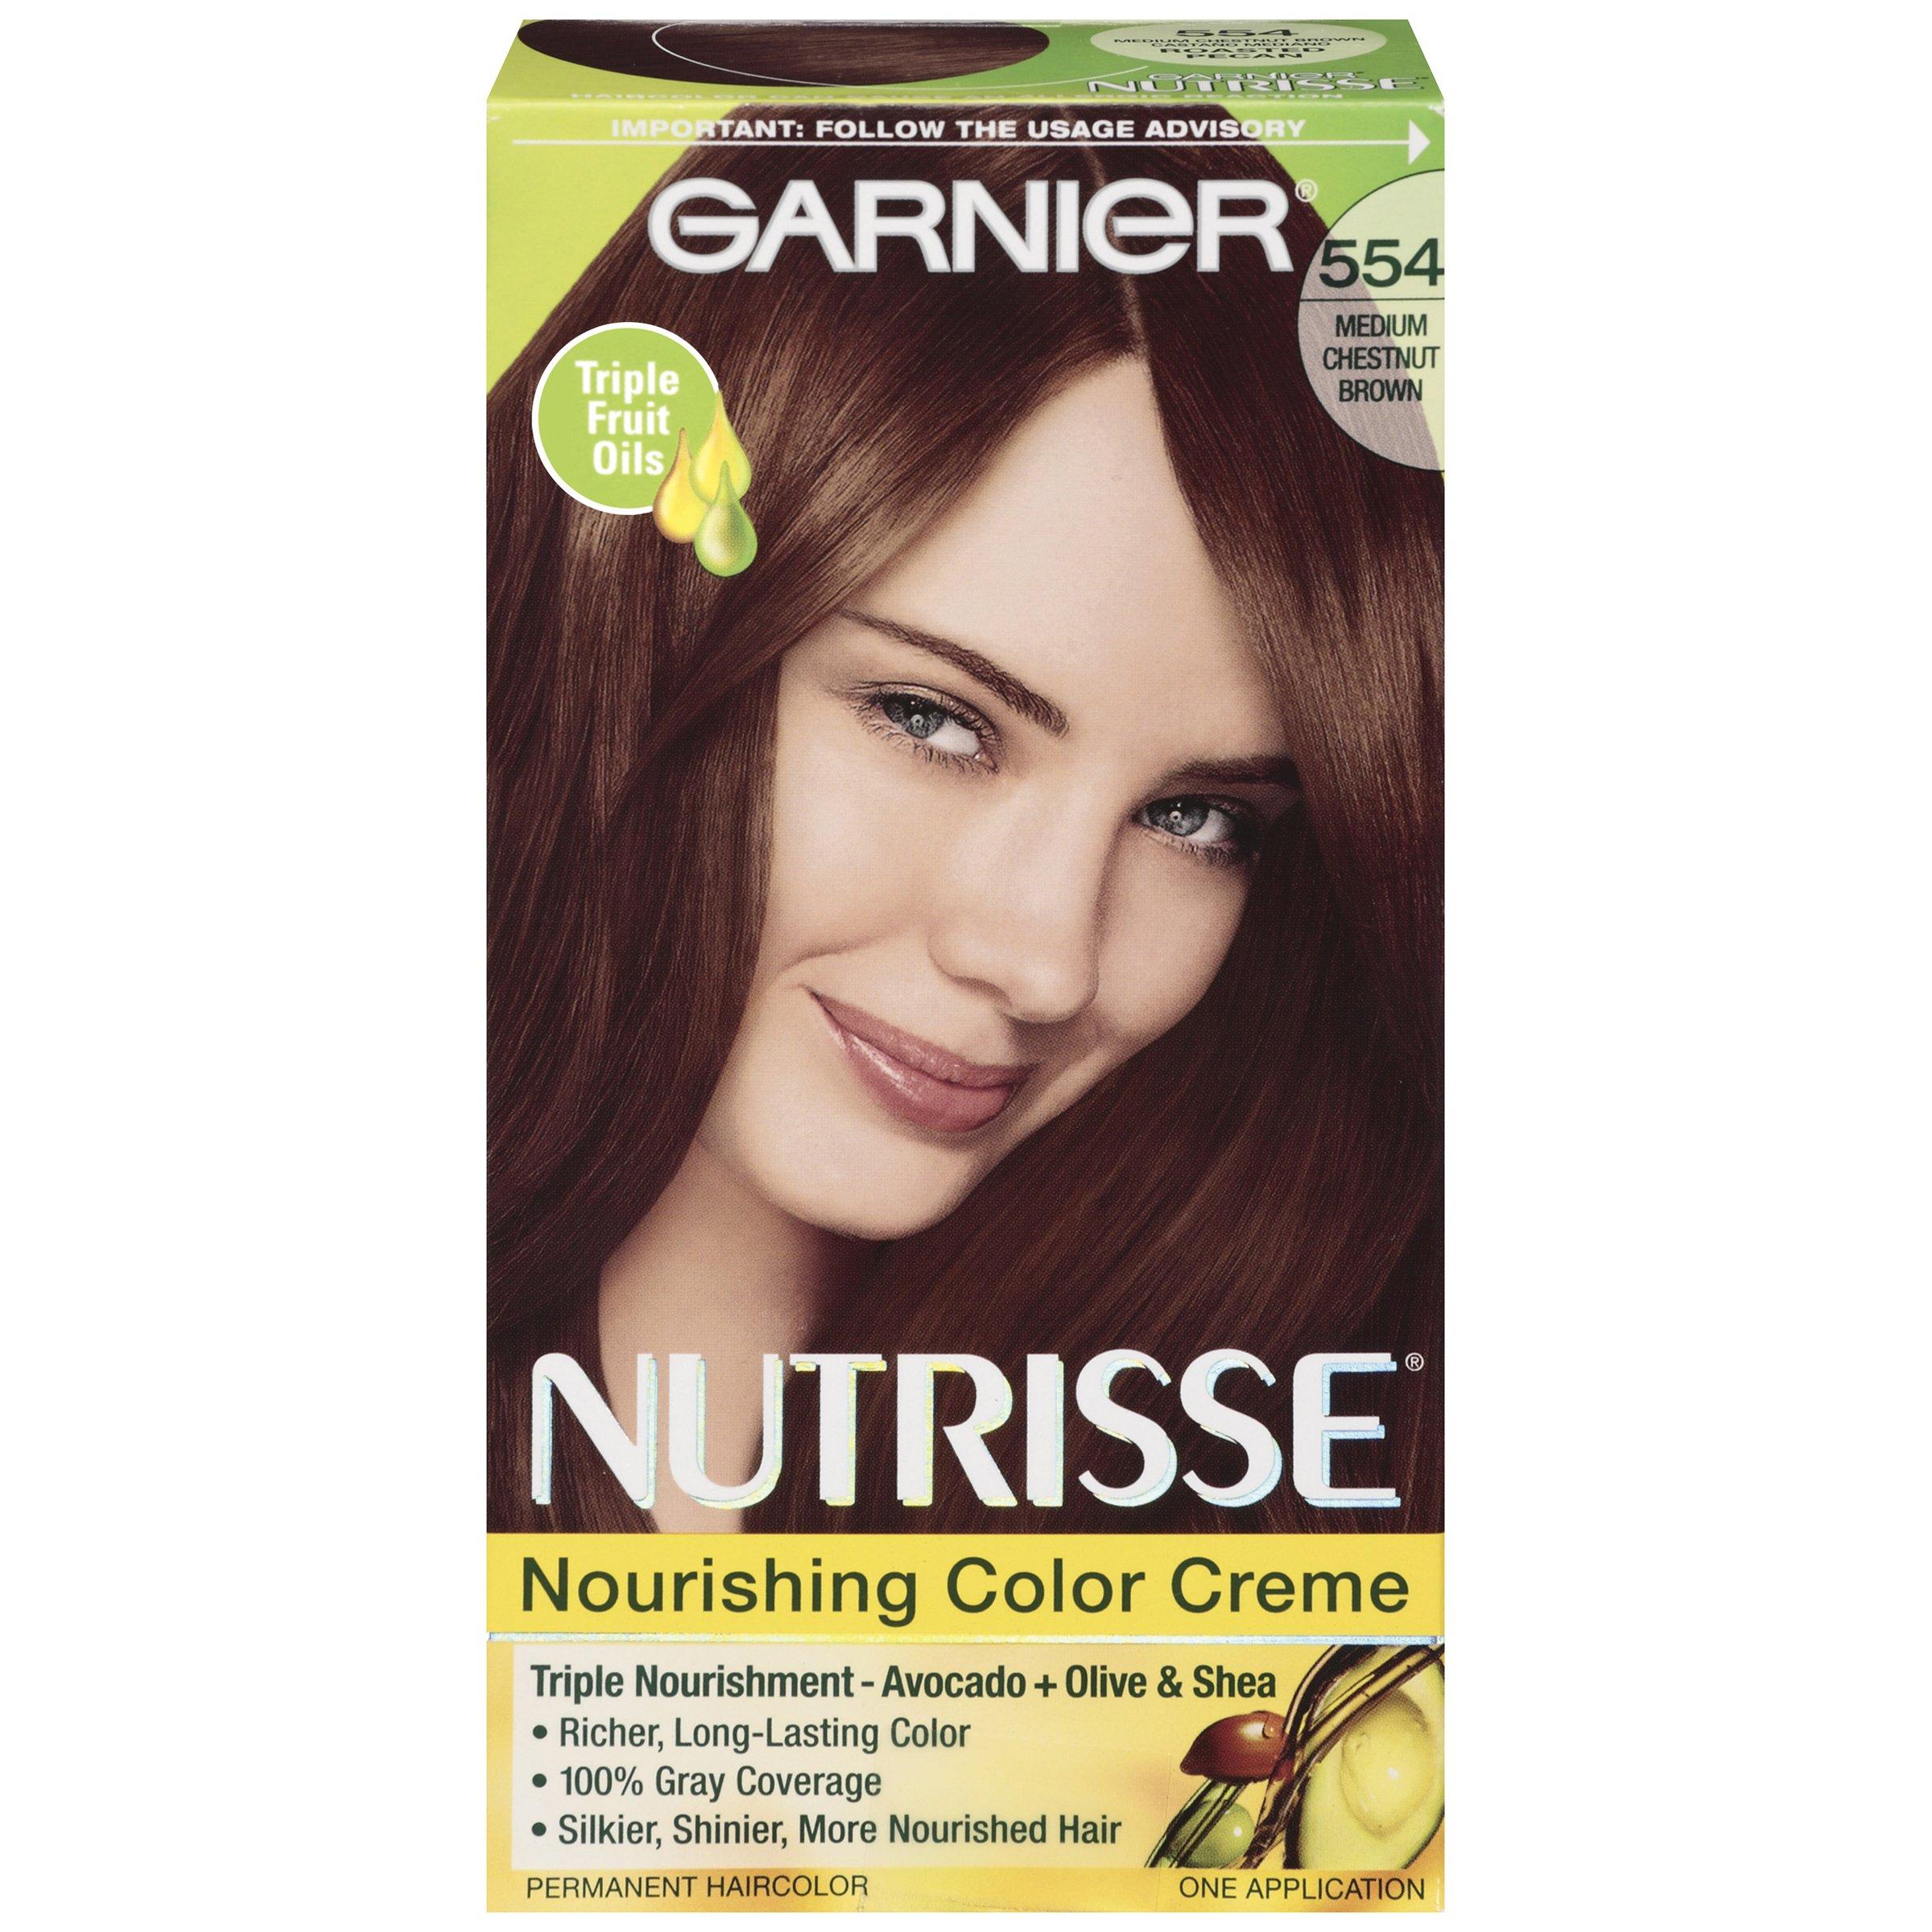 Garnier Nutrisse Hair Color 554 Chestnut Brown Roasted Pecan Shop